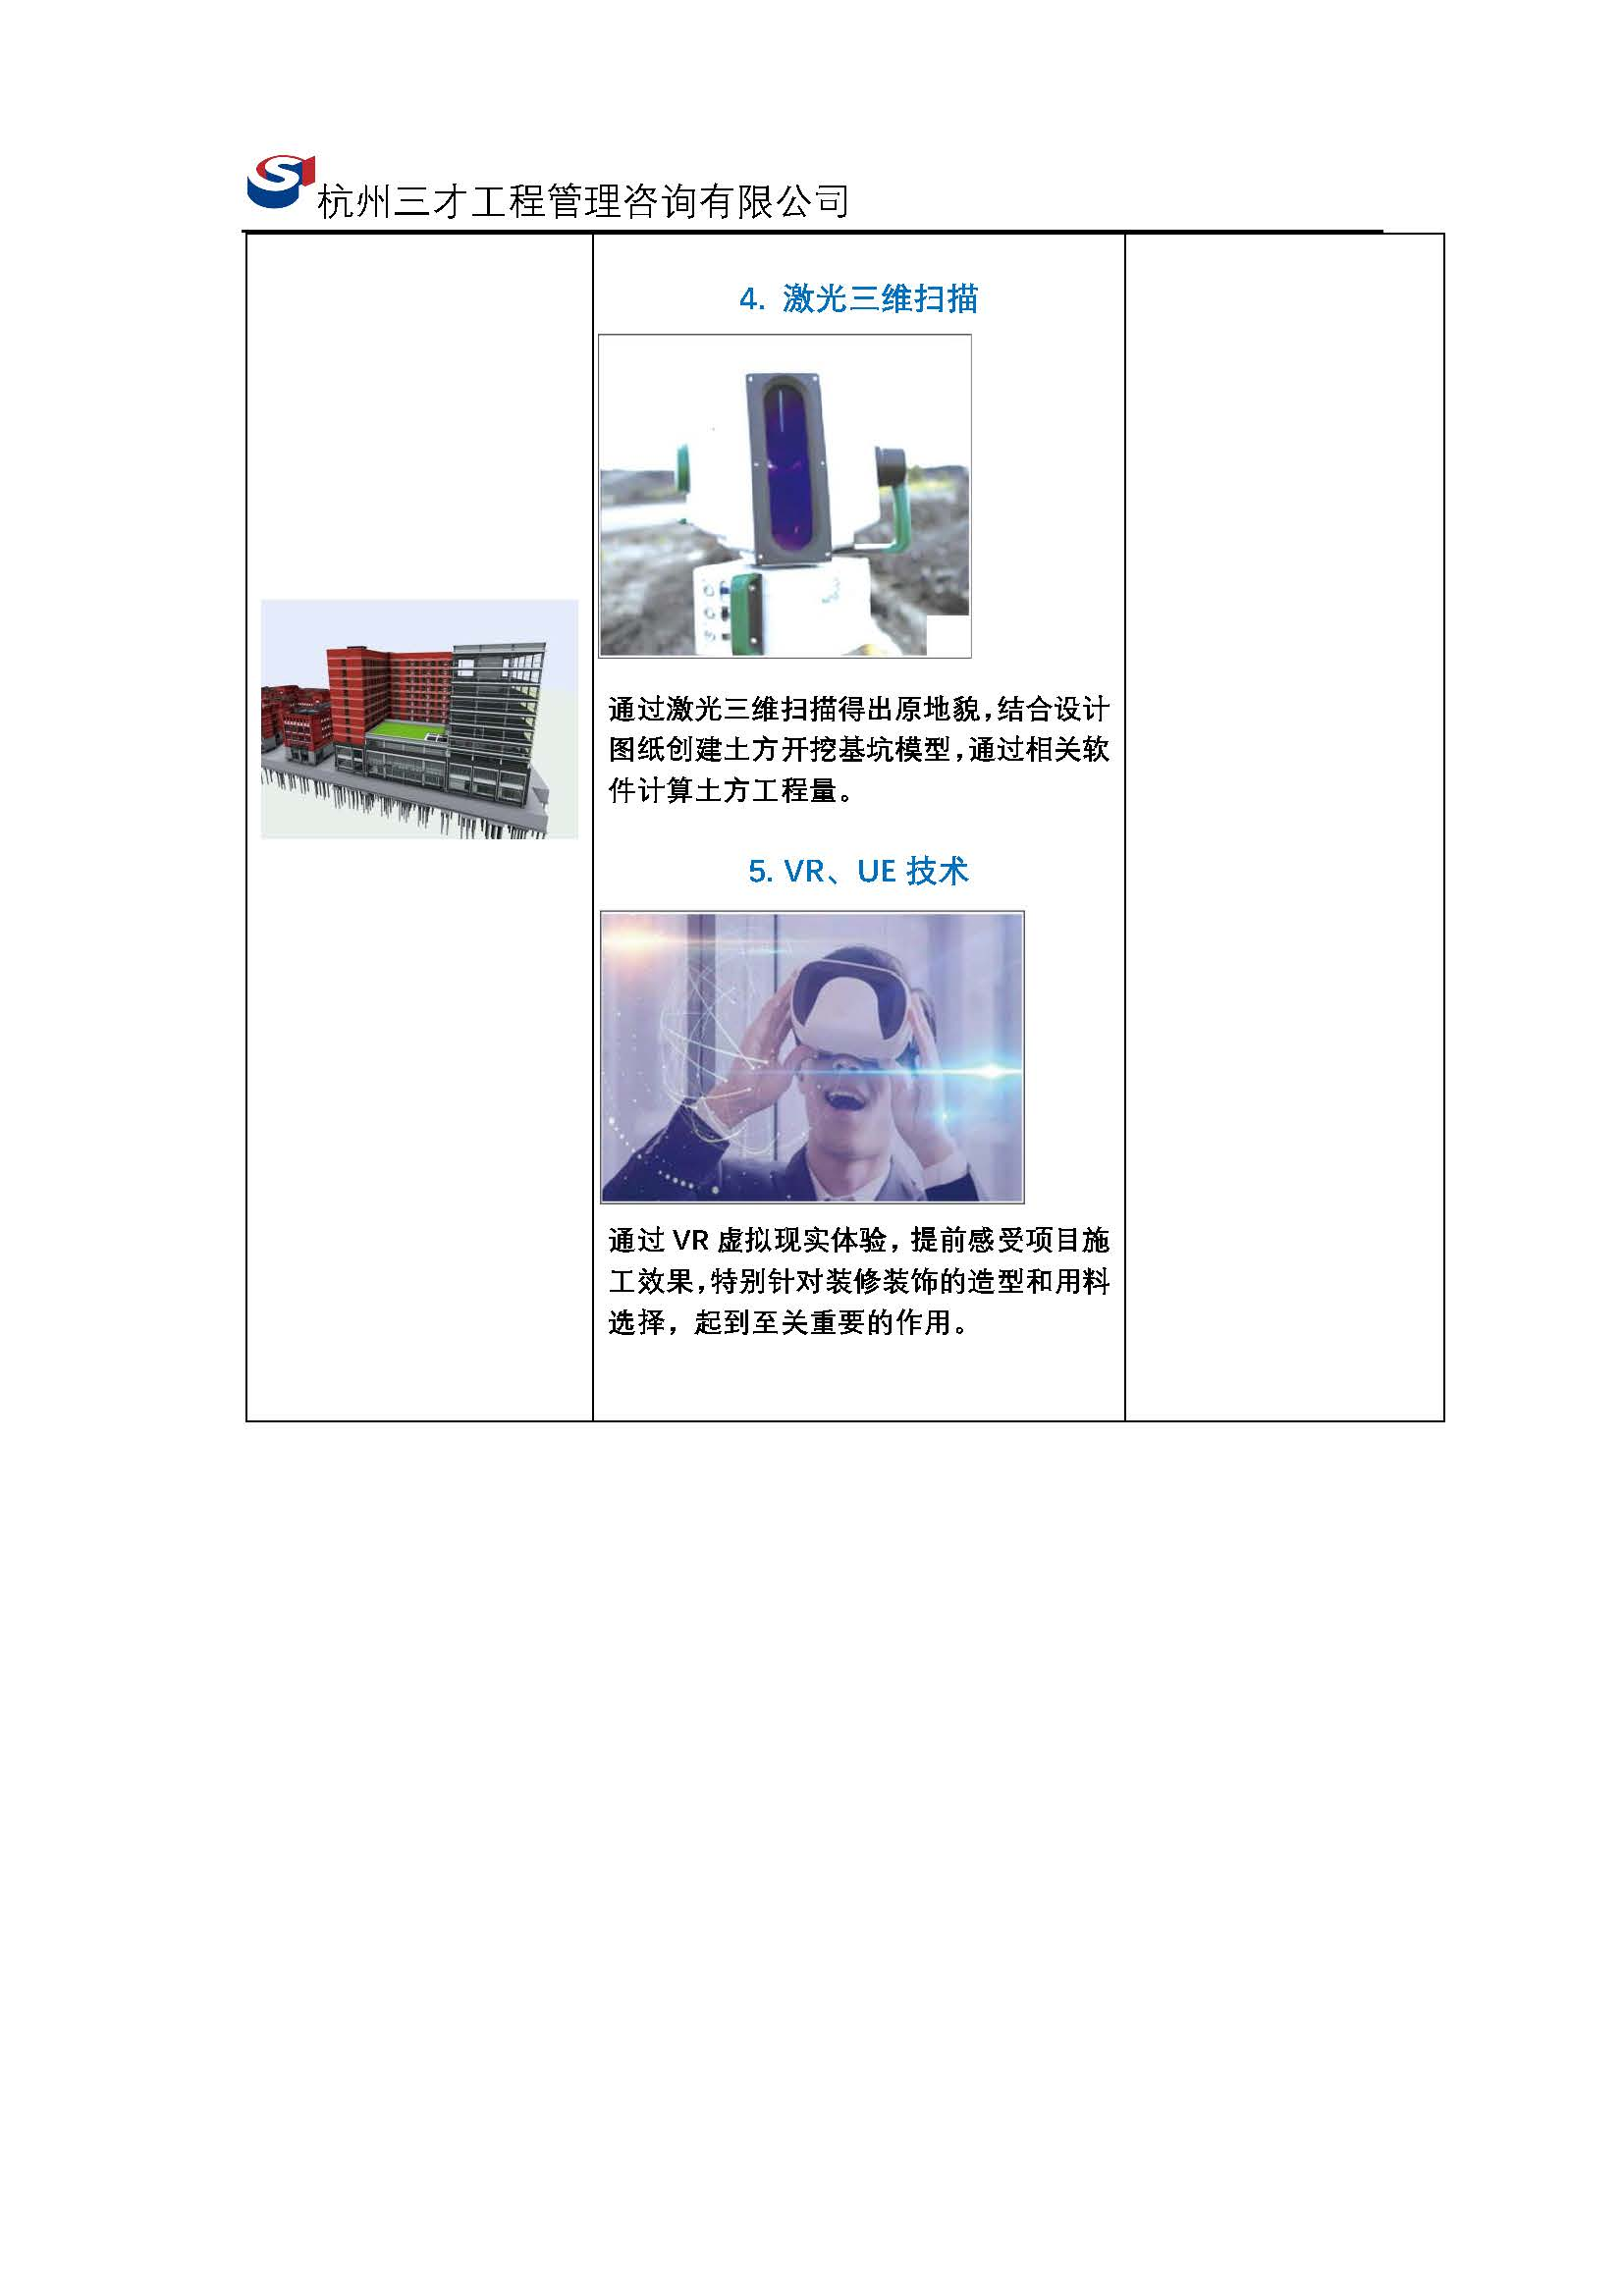 微信圖片_20200605150651.jpg